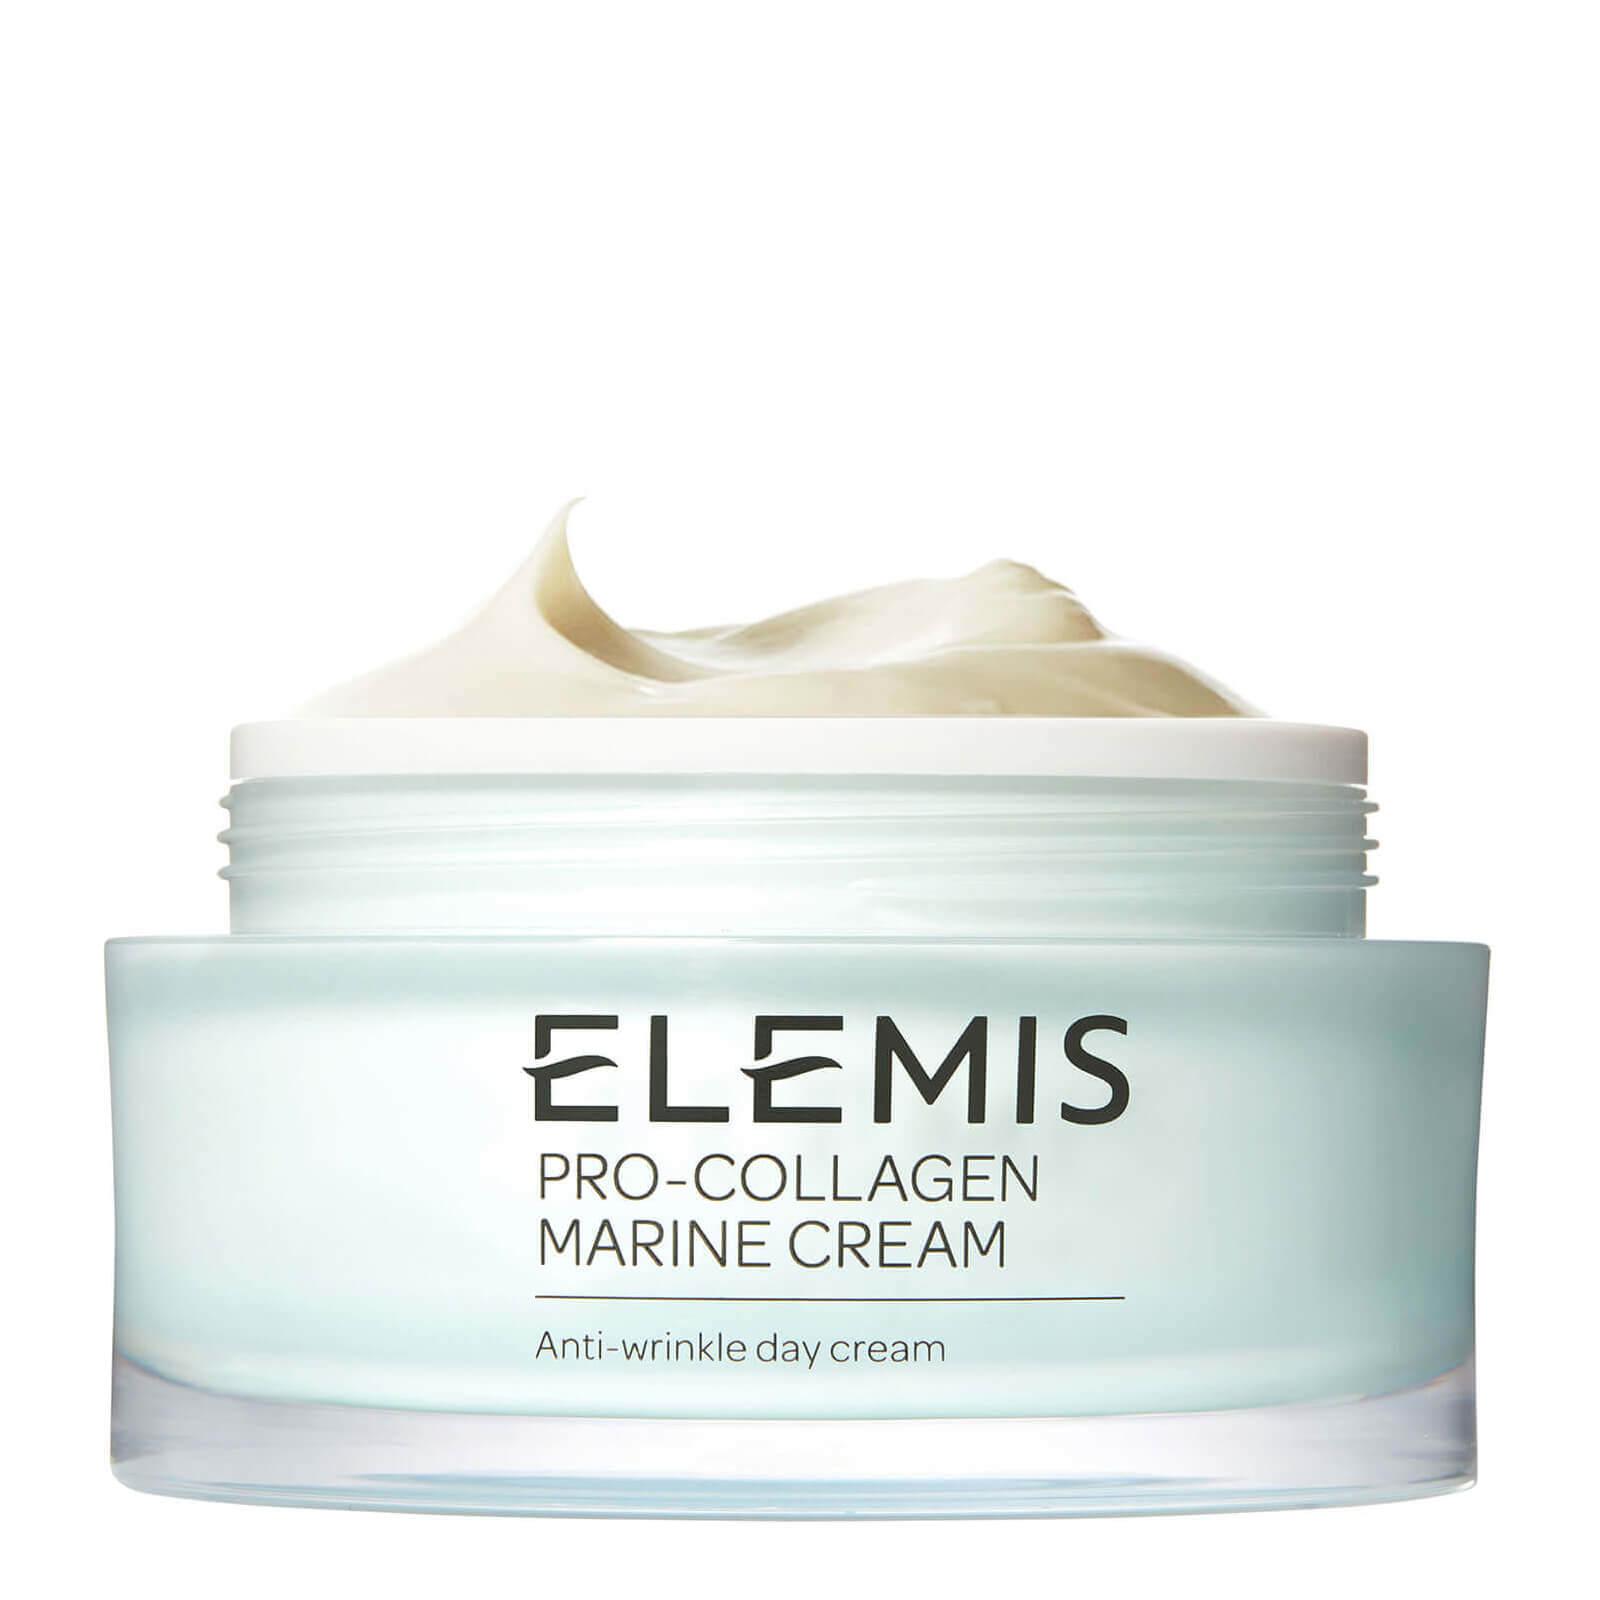 Купить Elemis Pro-Collagen Marine Cream - 100ml/3.4 fl. oz